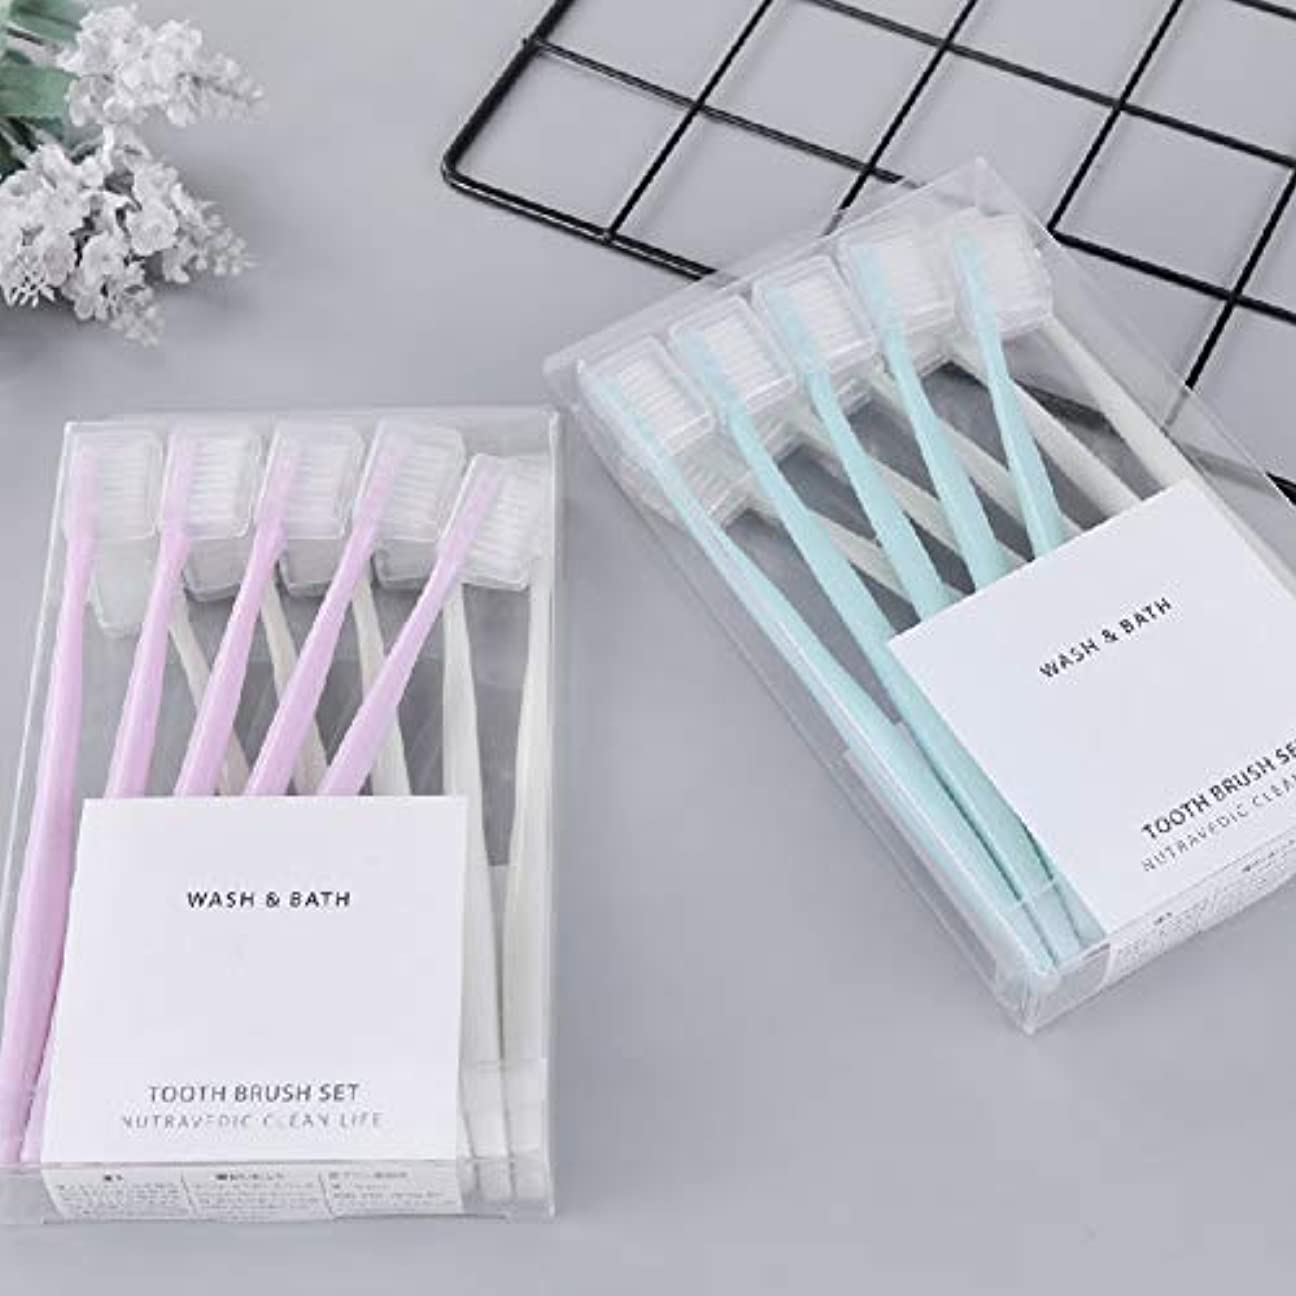 ファッションレモン異常な歯ブラシ×10本 やわらかめ歯ブラシ天然の柔らかい FidgetFidget ハブラシ 超コンパクト歯ブラシ 旅行用歯ブラシ